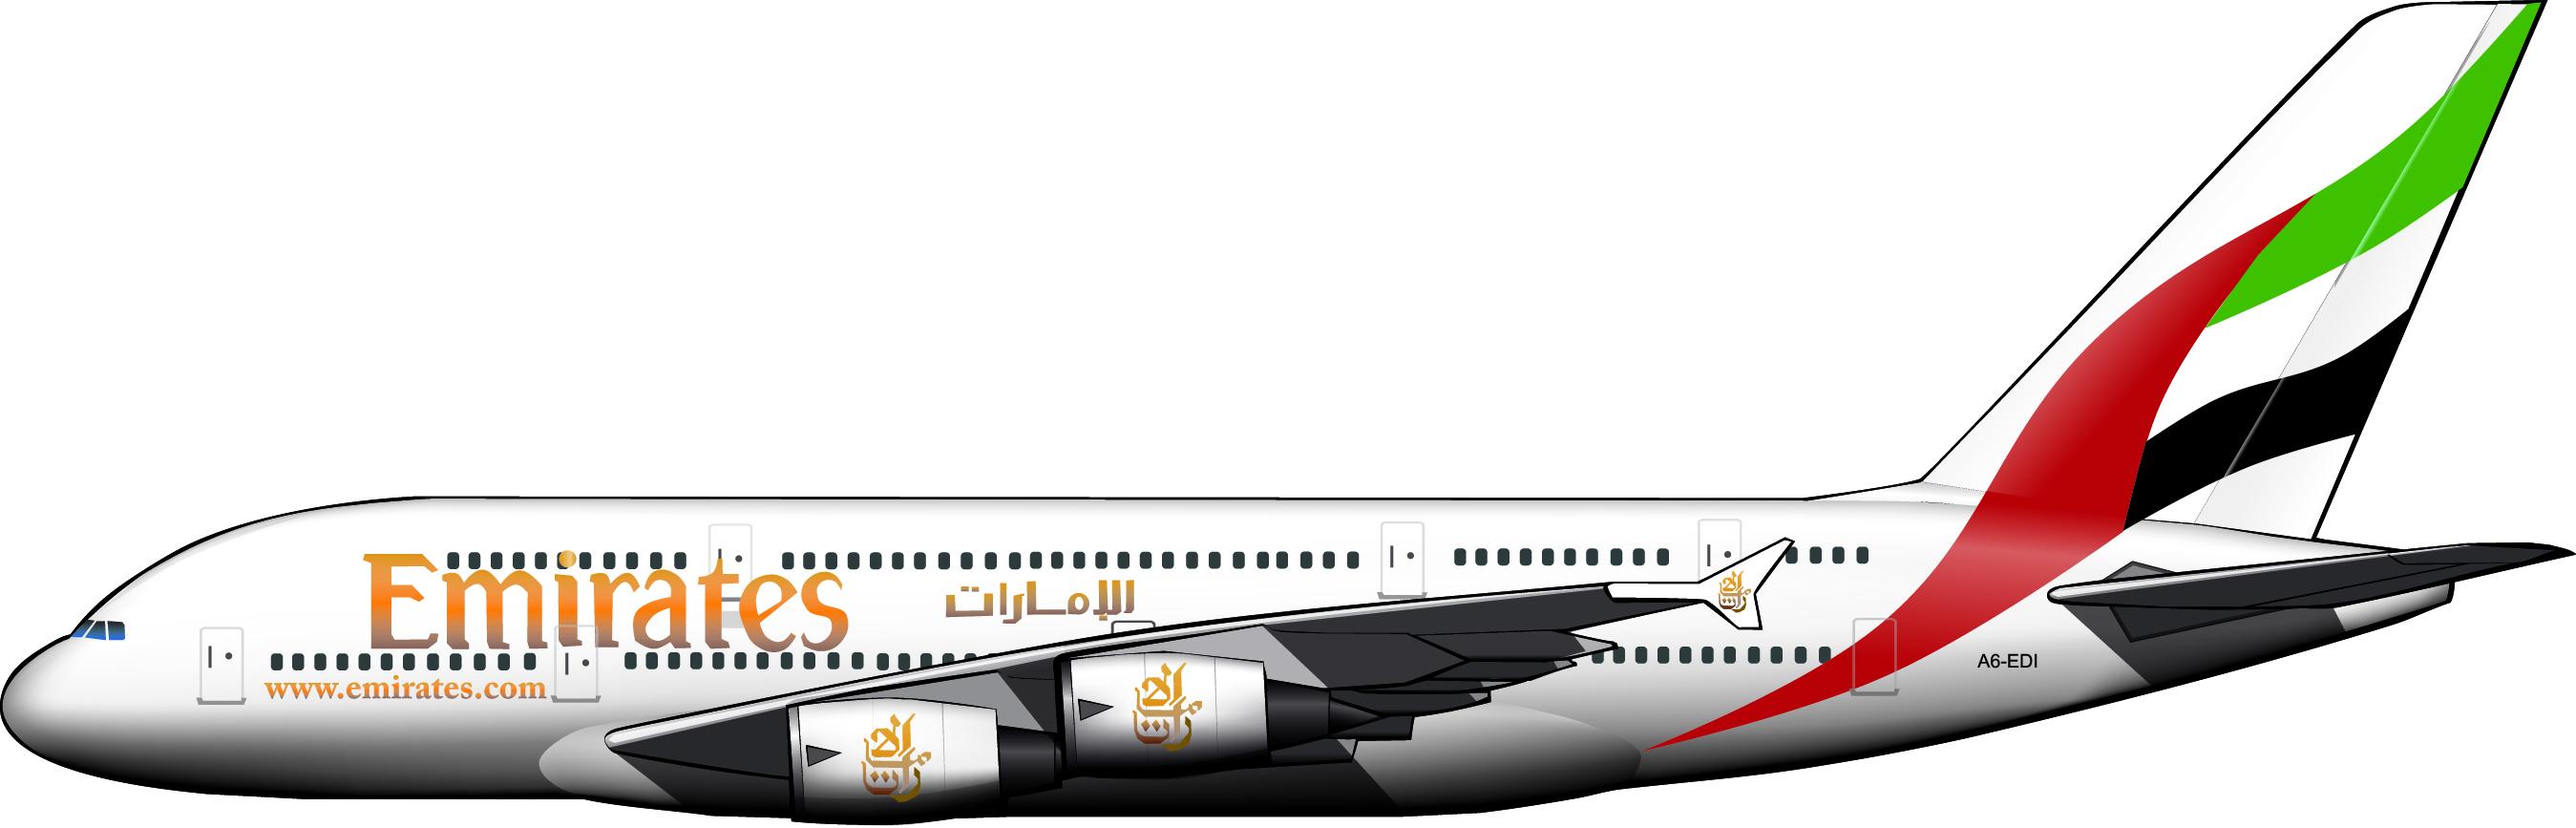 airbusa380emirates